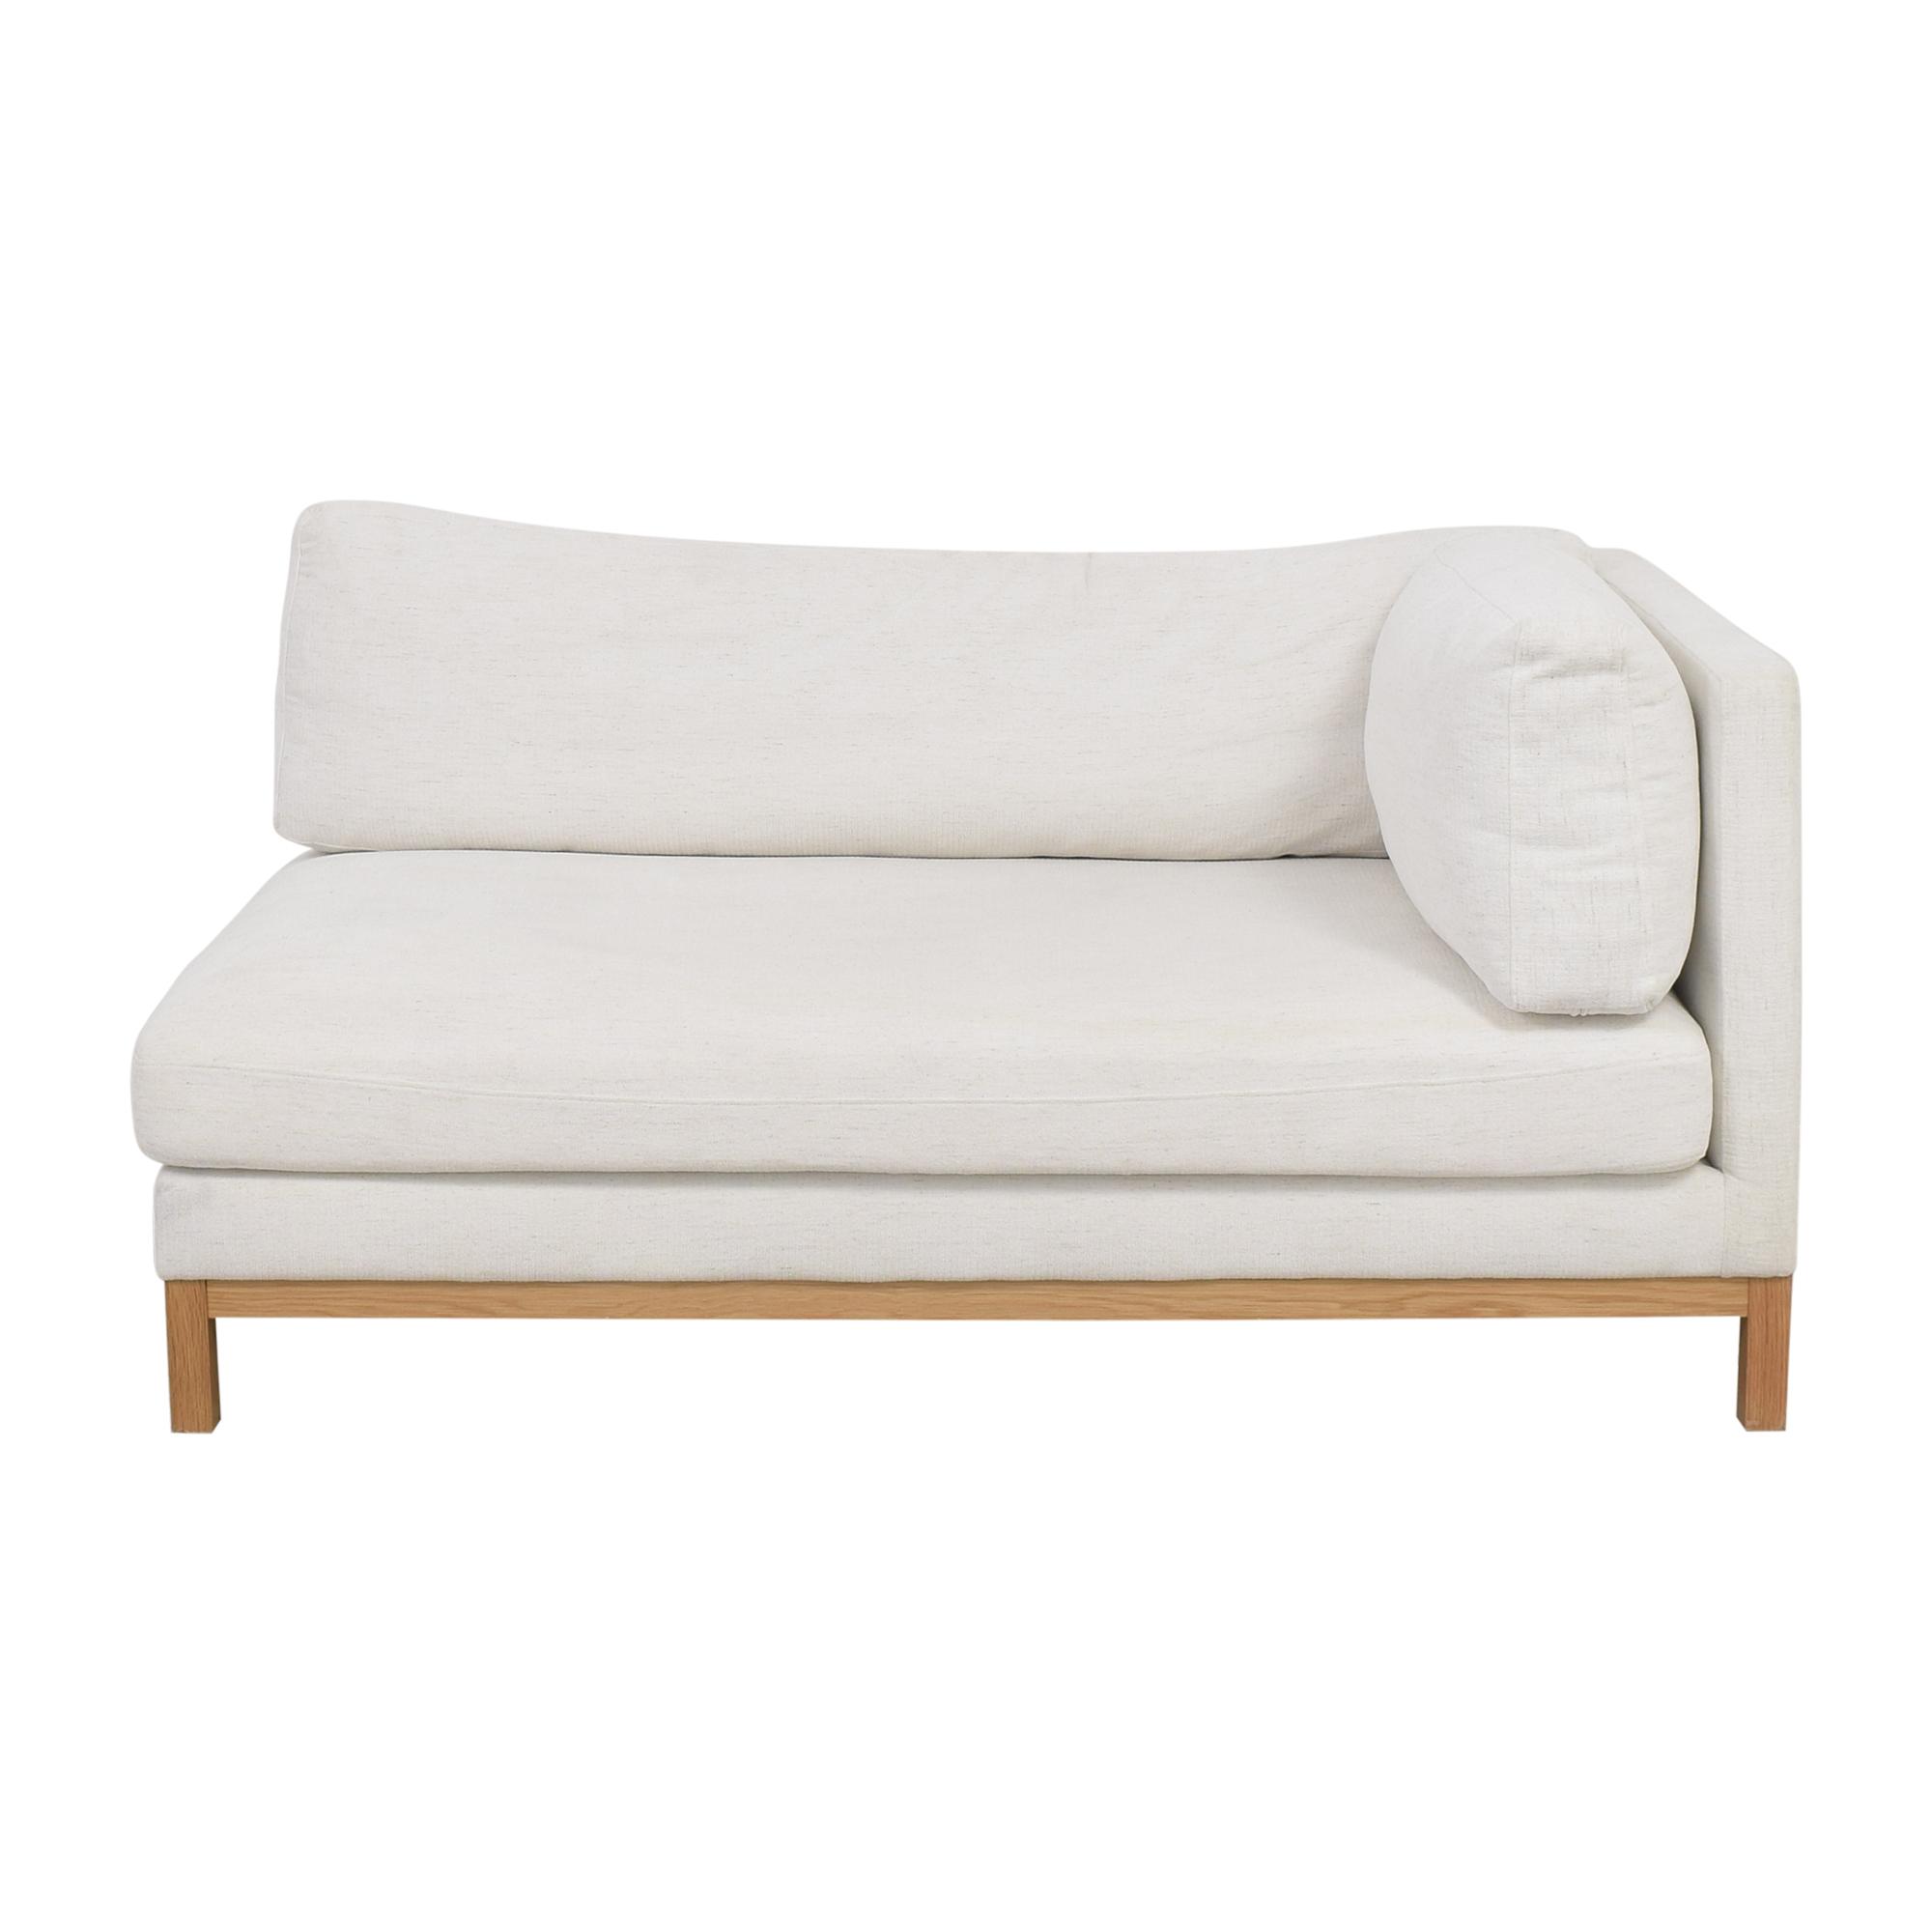 shop Interior Define Interior Define Jasper Chaise Lounge online